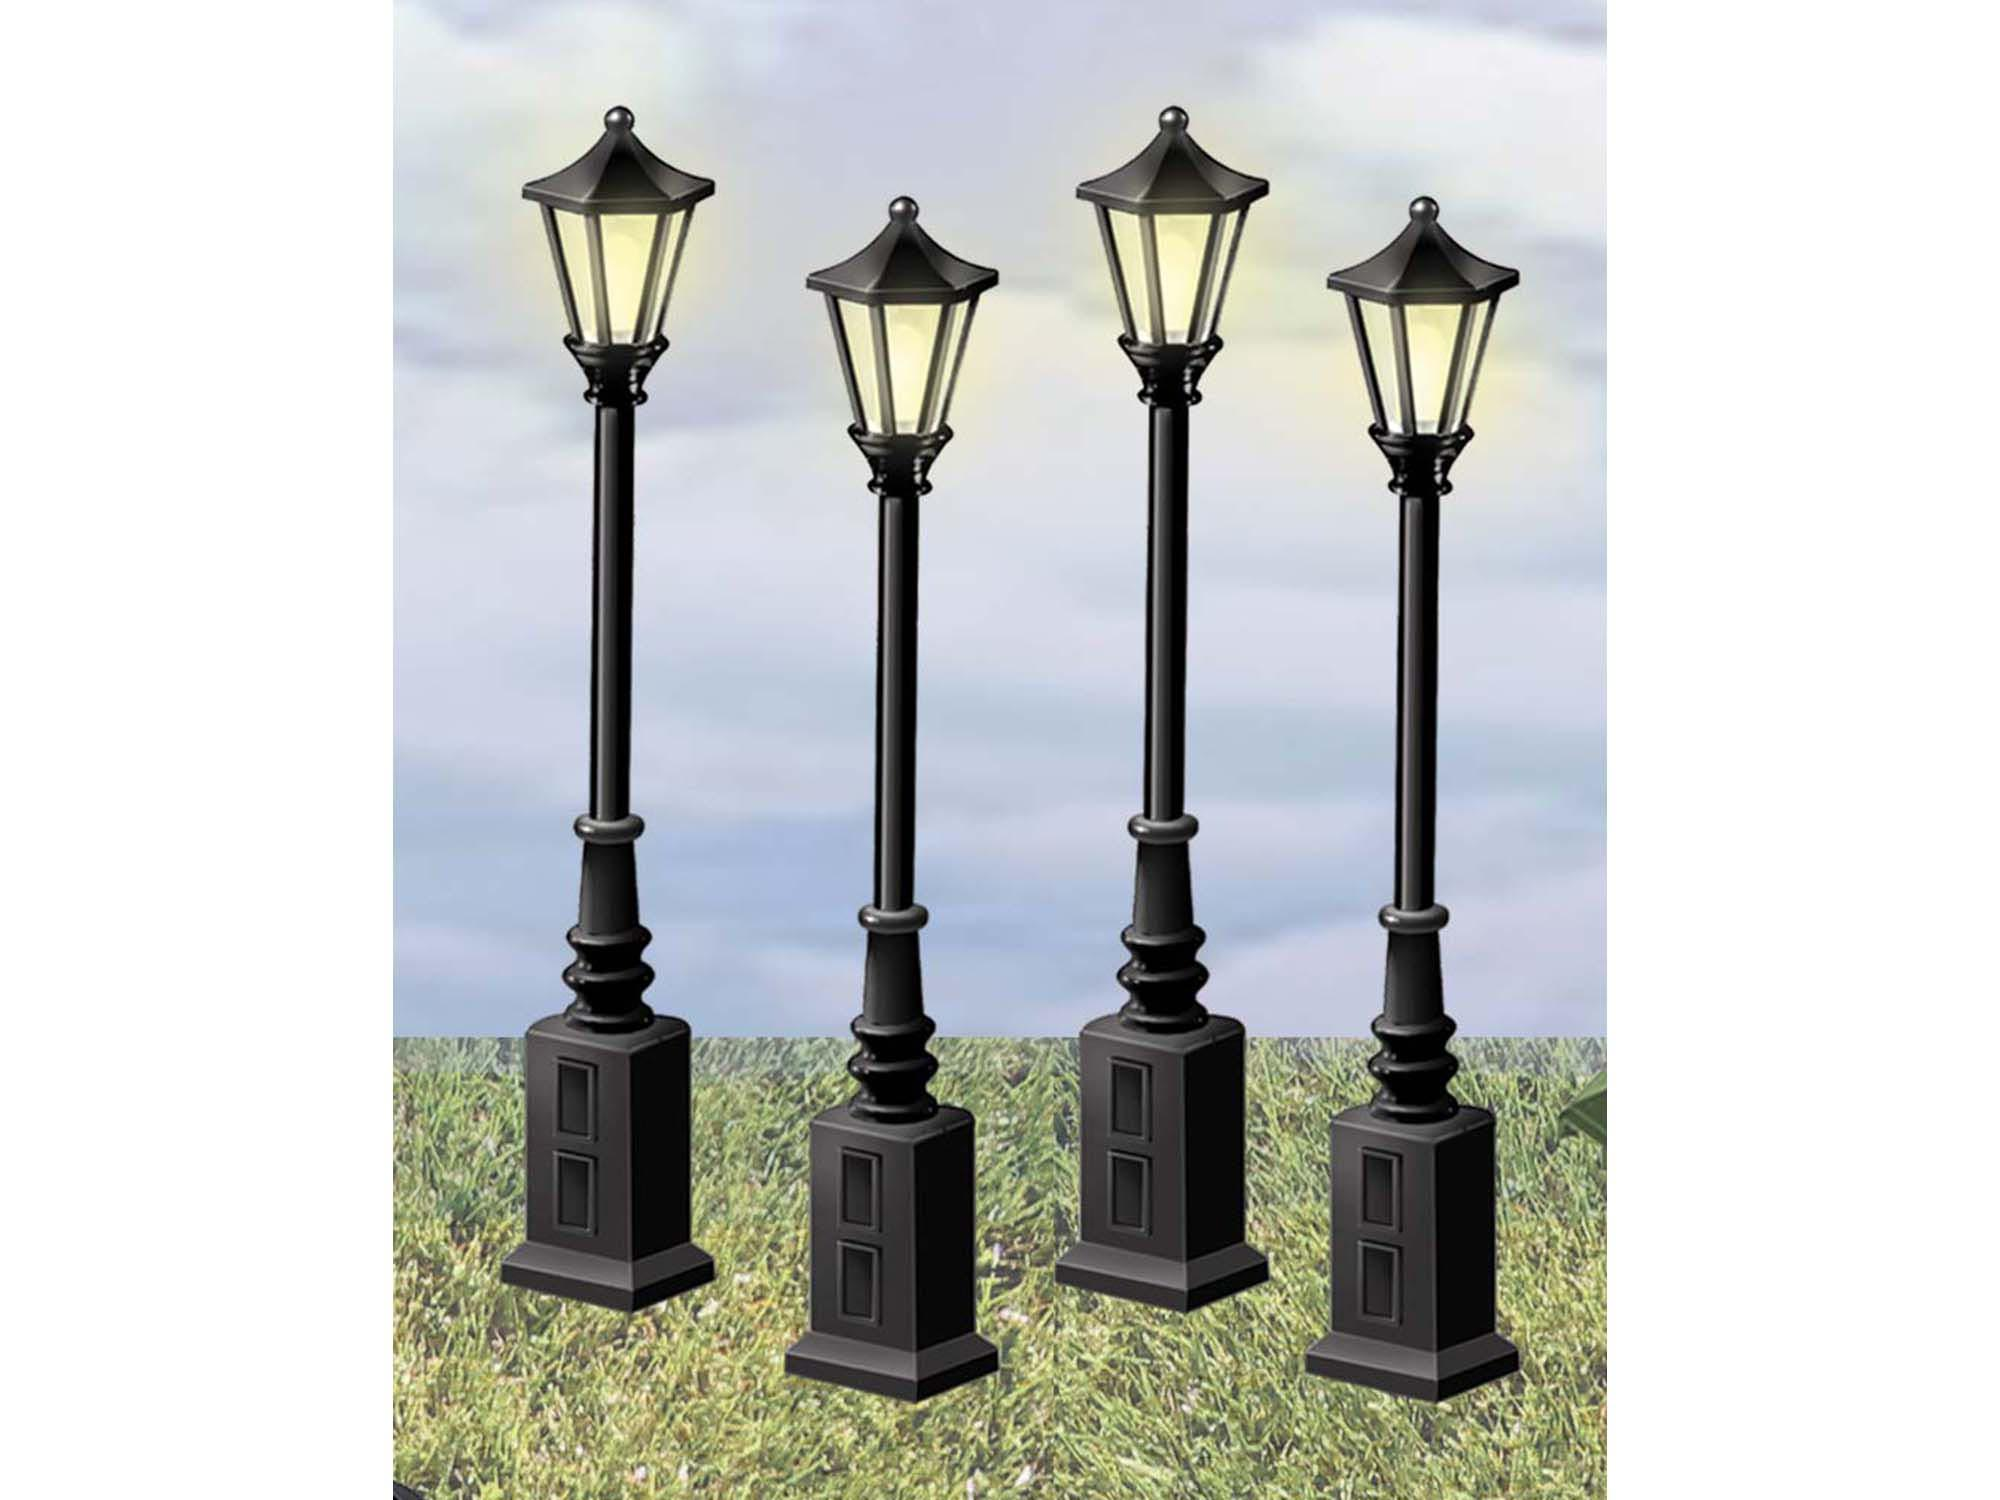 scale street lamps rh lionel com Lionel Train Lantern Lionel Metal Light Poles